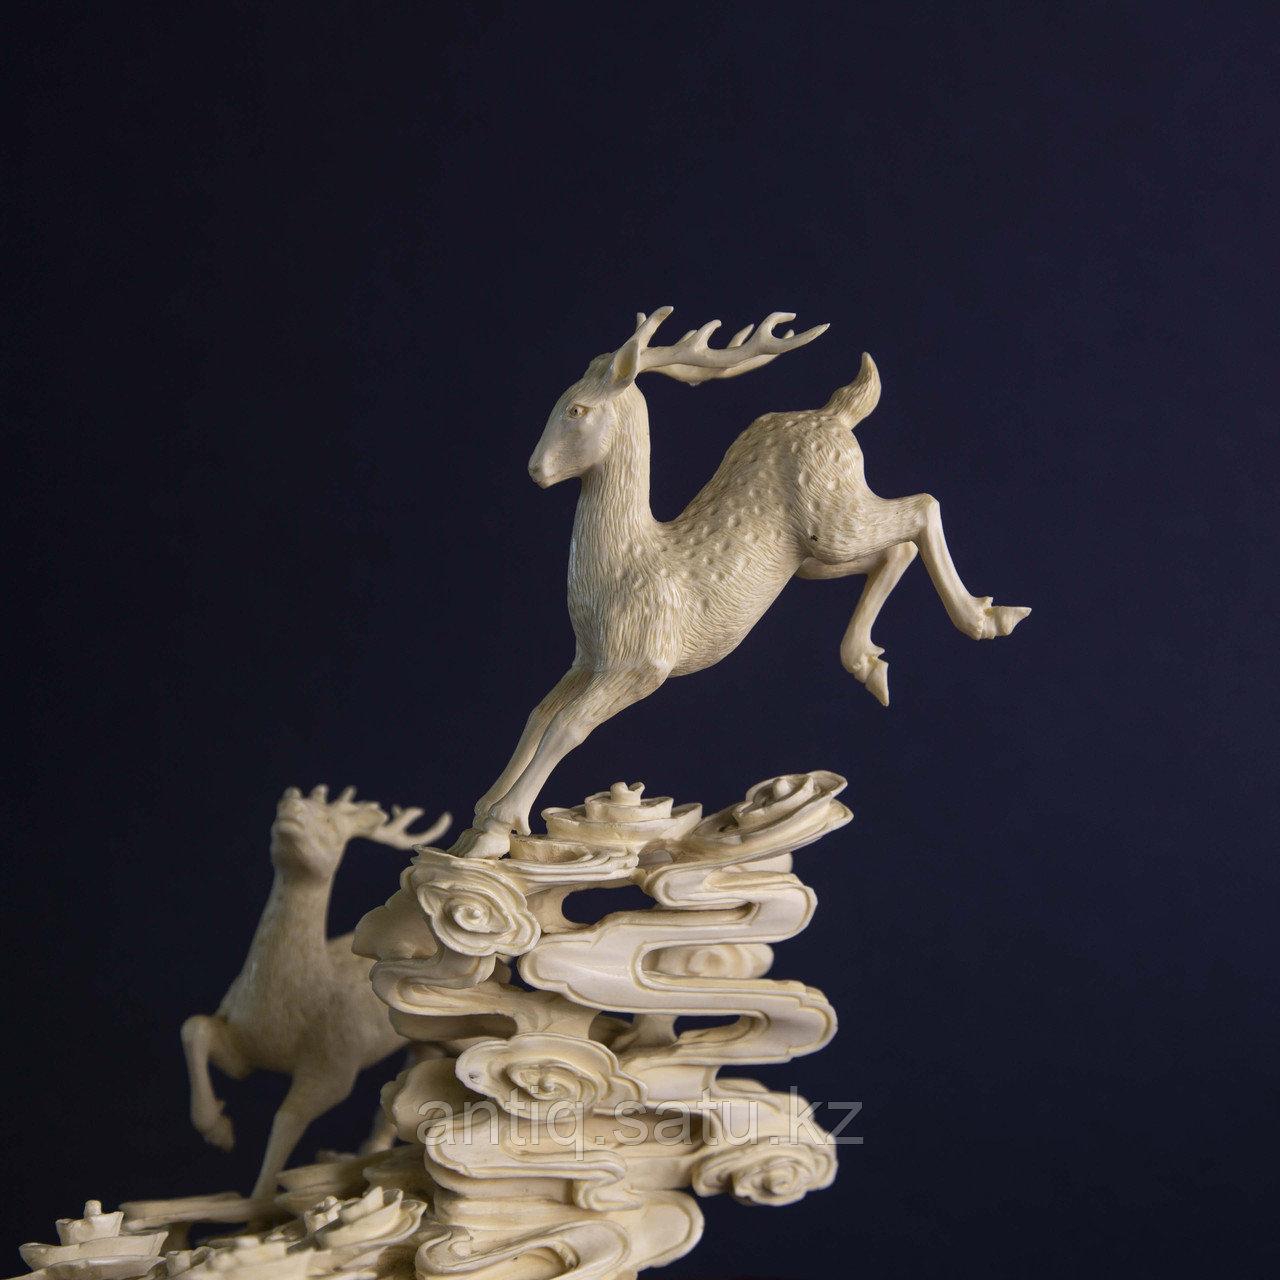 Великолепная композиция Олени. Символ изобилия, счастья и долголетия. Слоновая кость. - фото 6